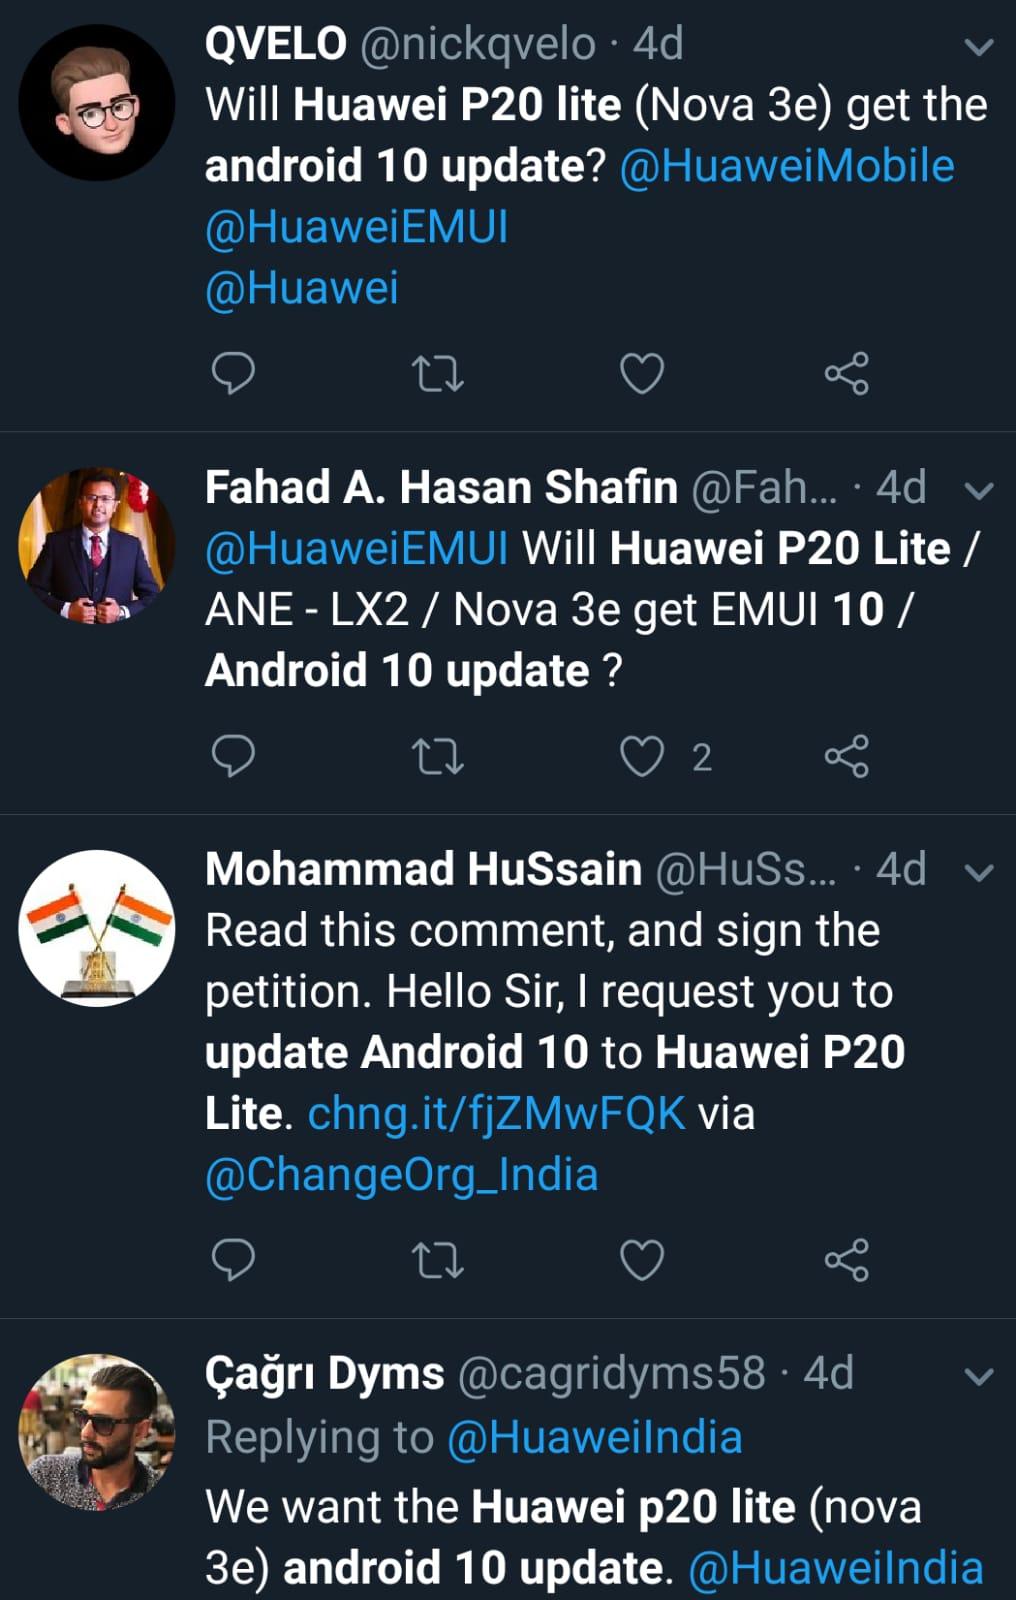 Huawei P20 lite (nova 3e) Android 10 update